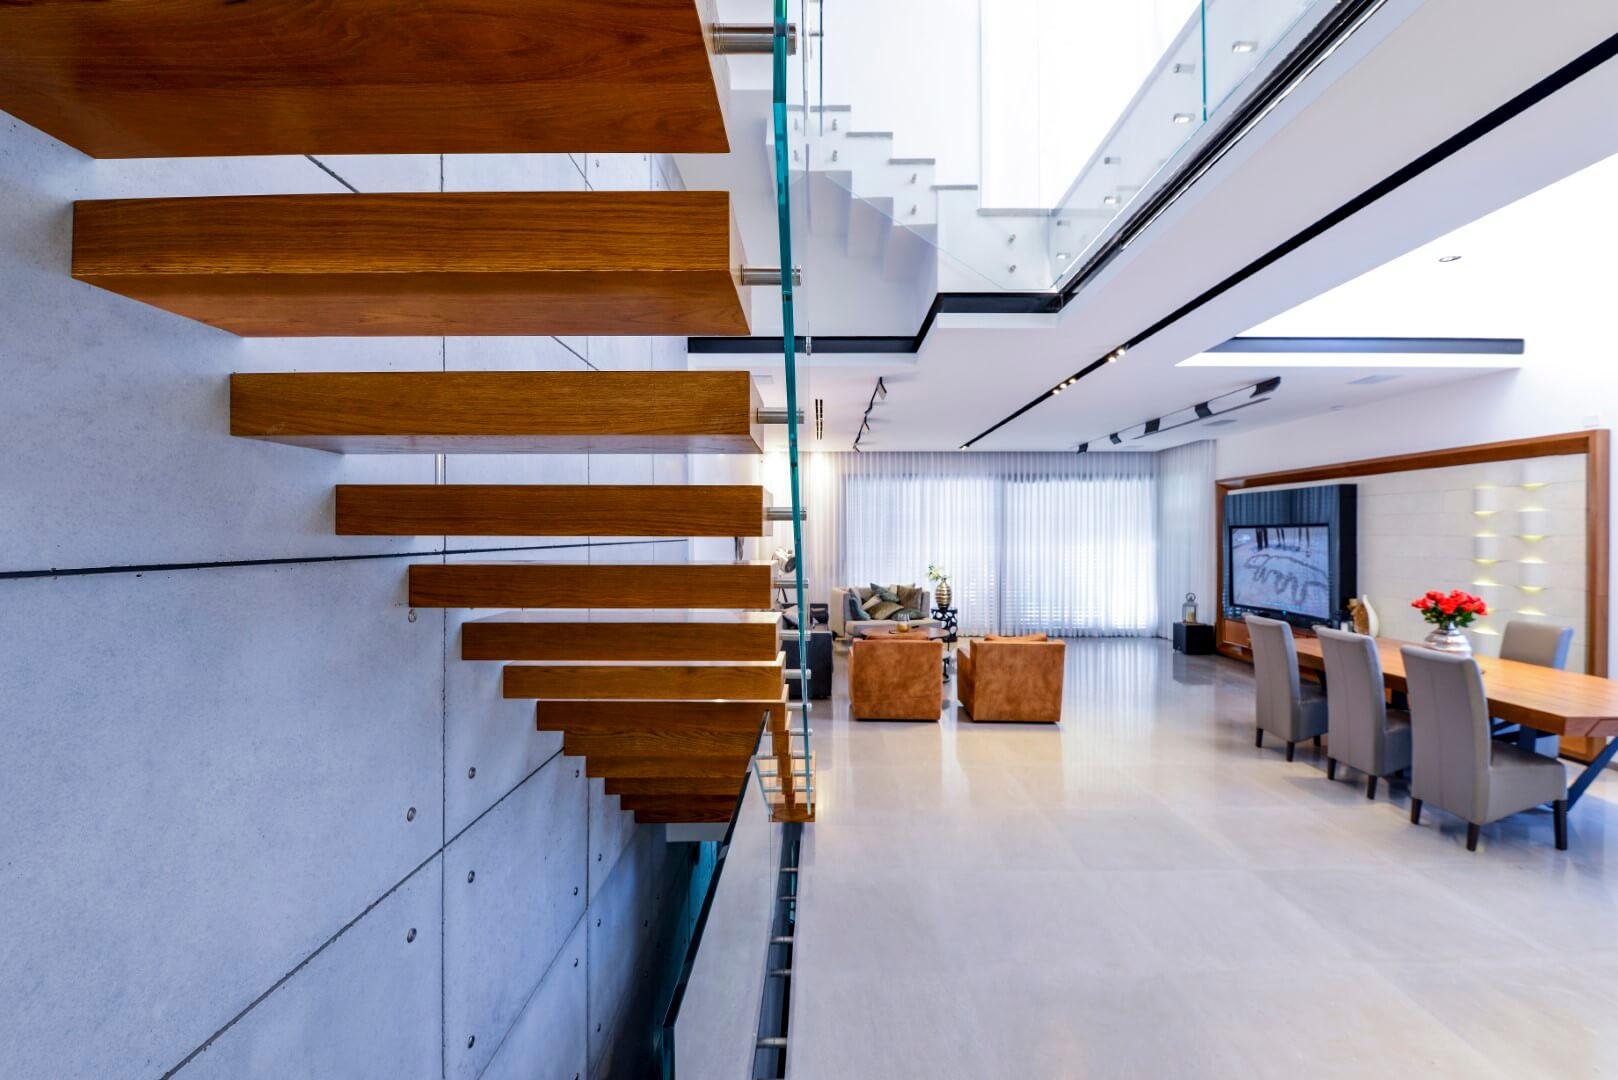 מבט אחורי על גרם מדרגות צפות מעץ אלון בגוונים של נחושות ומדבר על קיר לוחות בטון עצומים